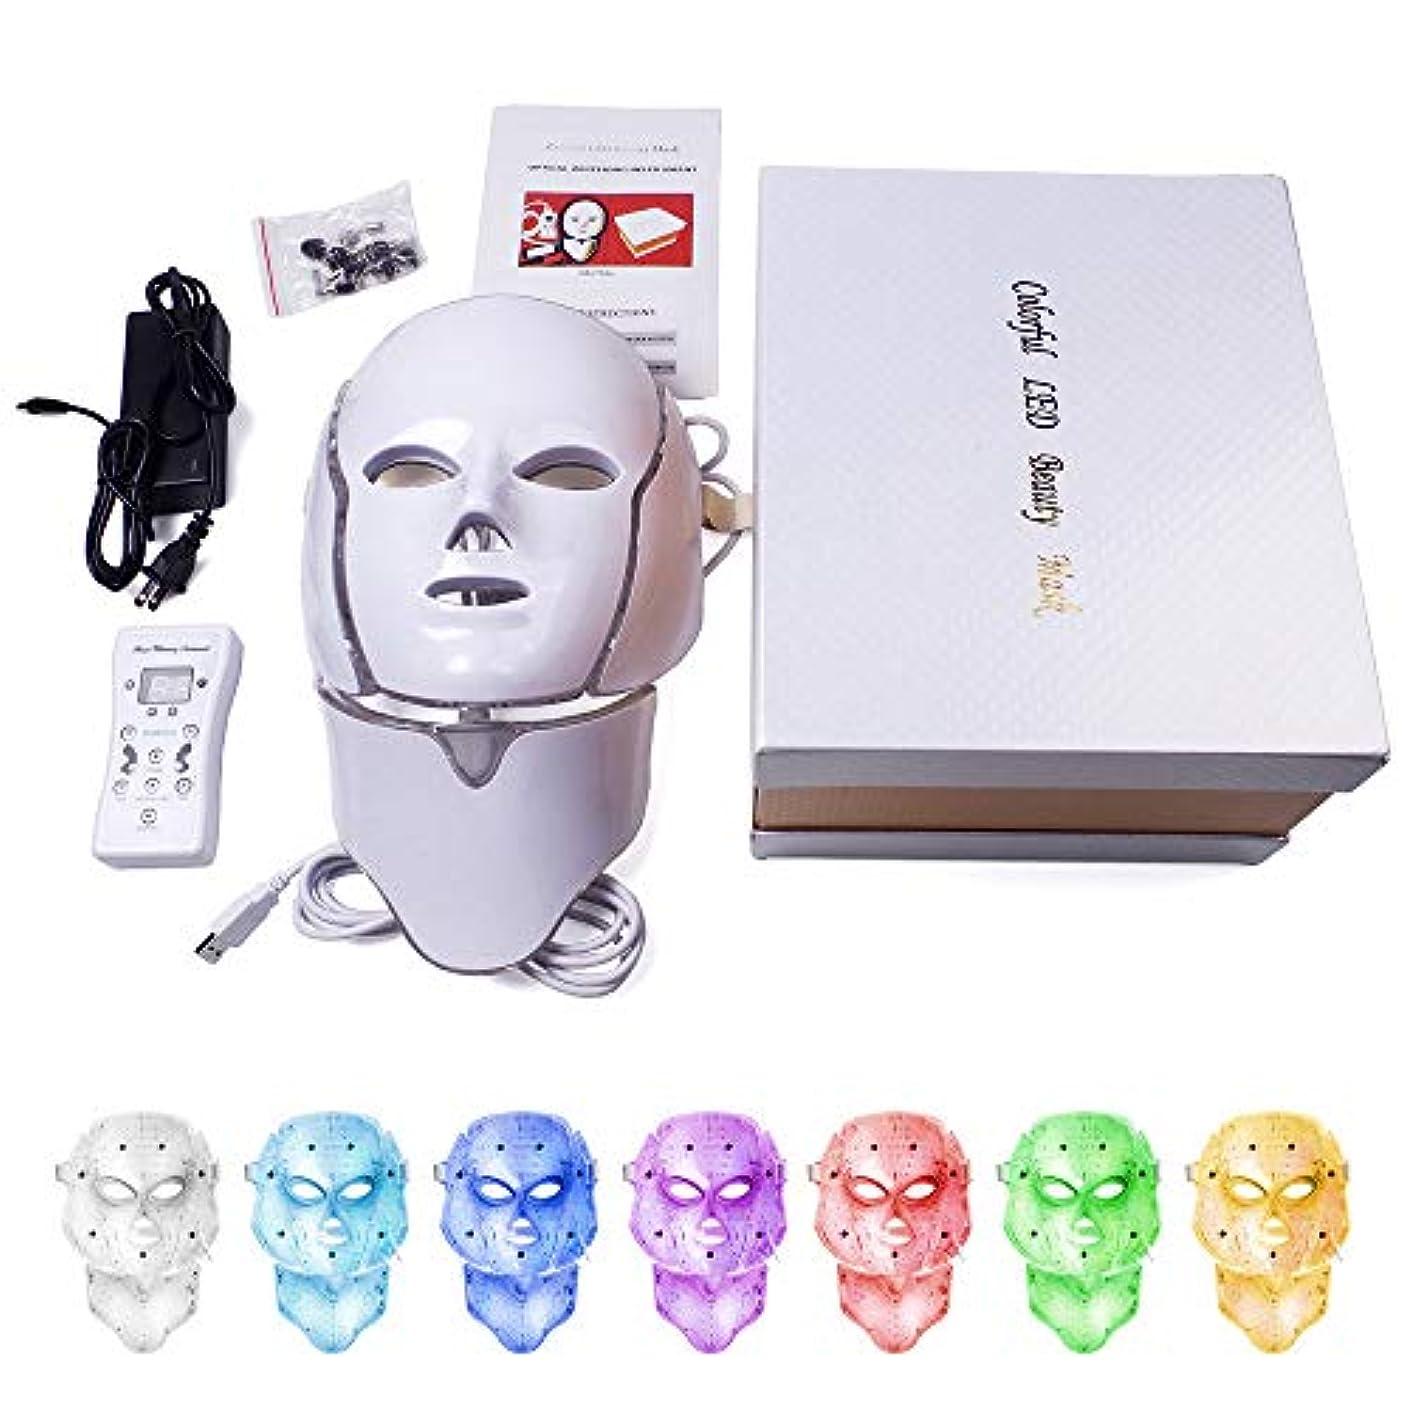 拍車起訴するペルセウス顔と首の肌の若返りアンチエイジングライトフォトンセラピー美容ツェッペリンフェイシャルマスクのための7色のLEDフェイスマスク